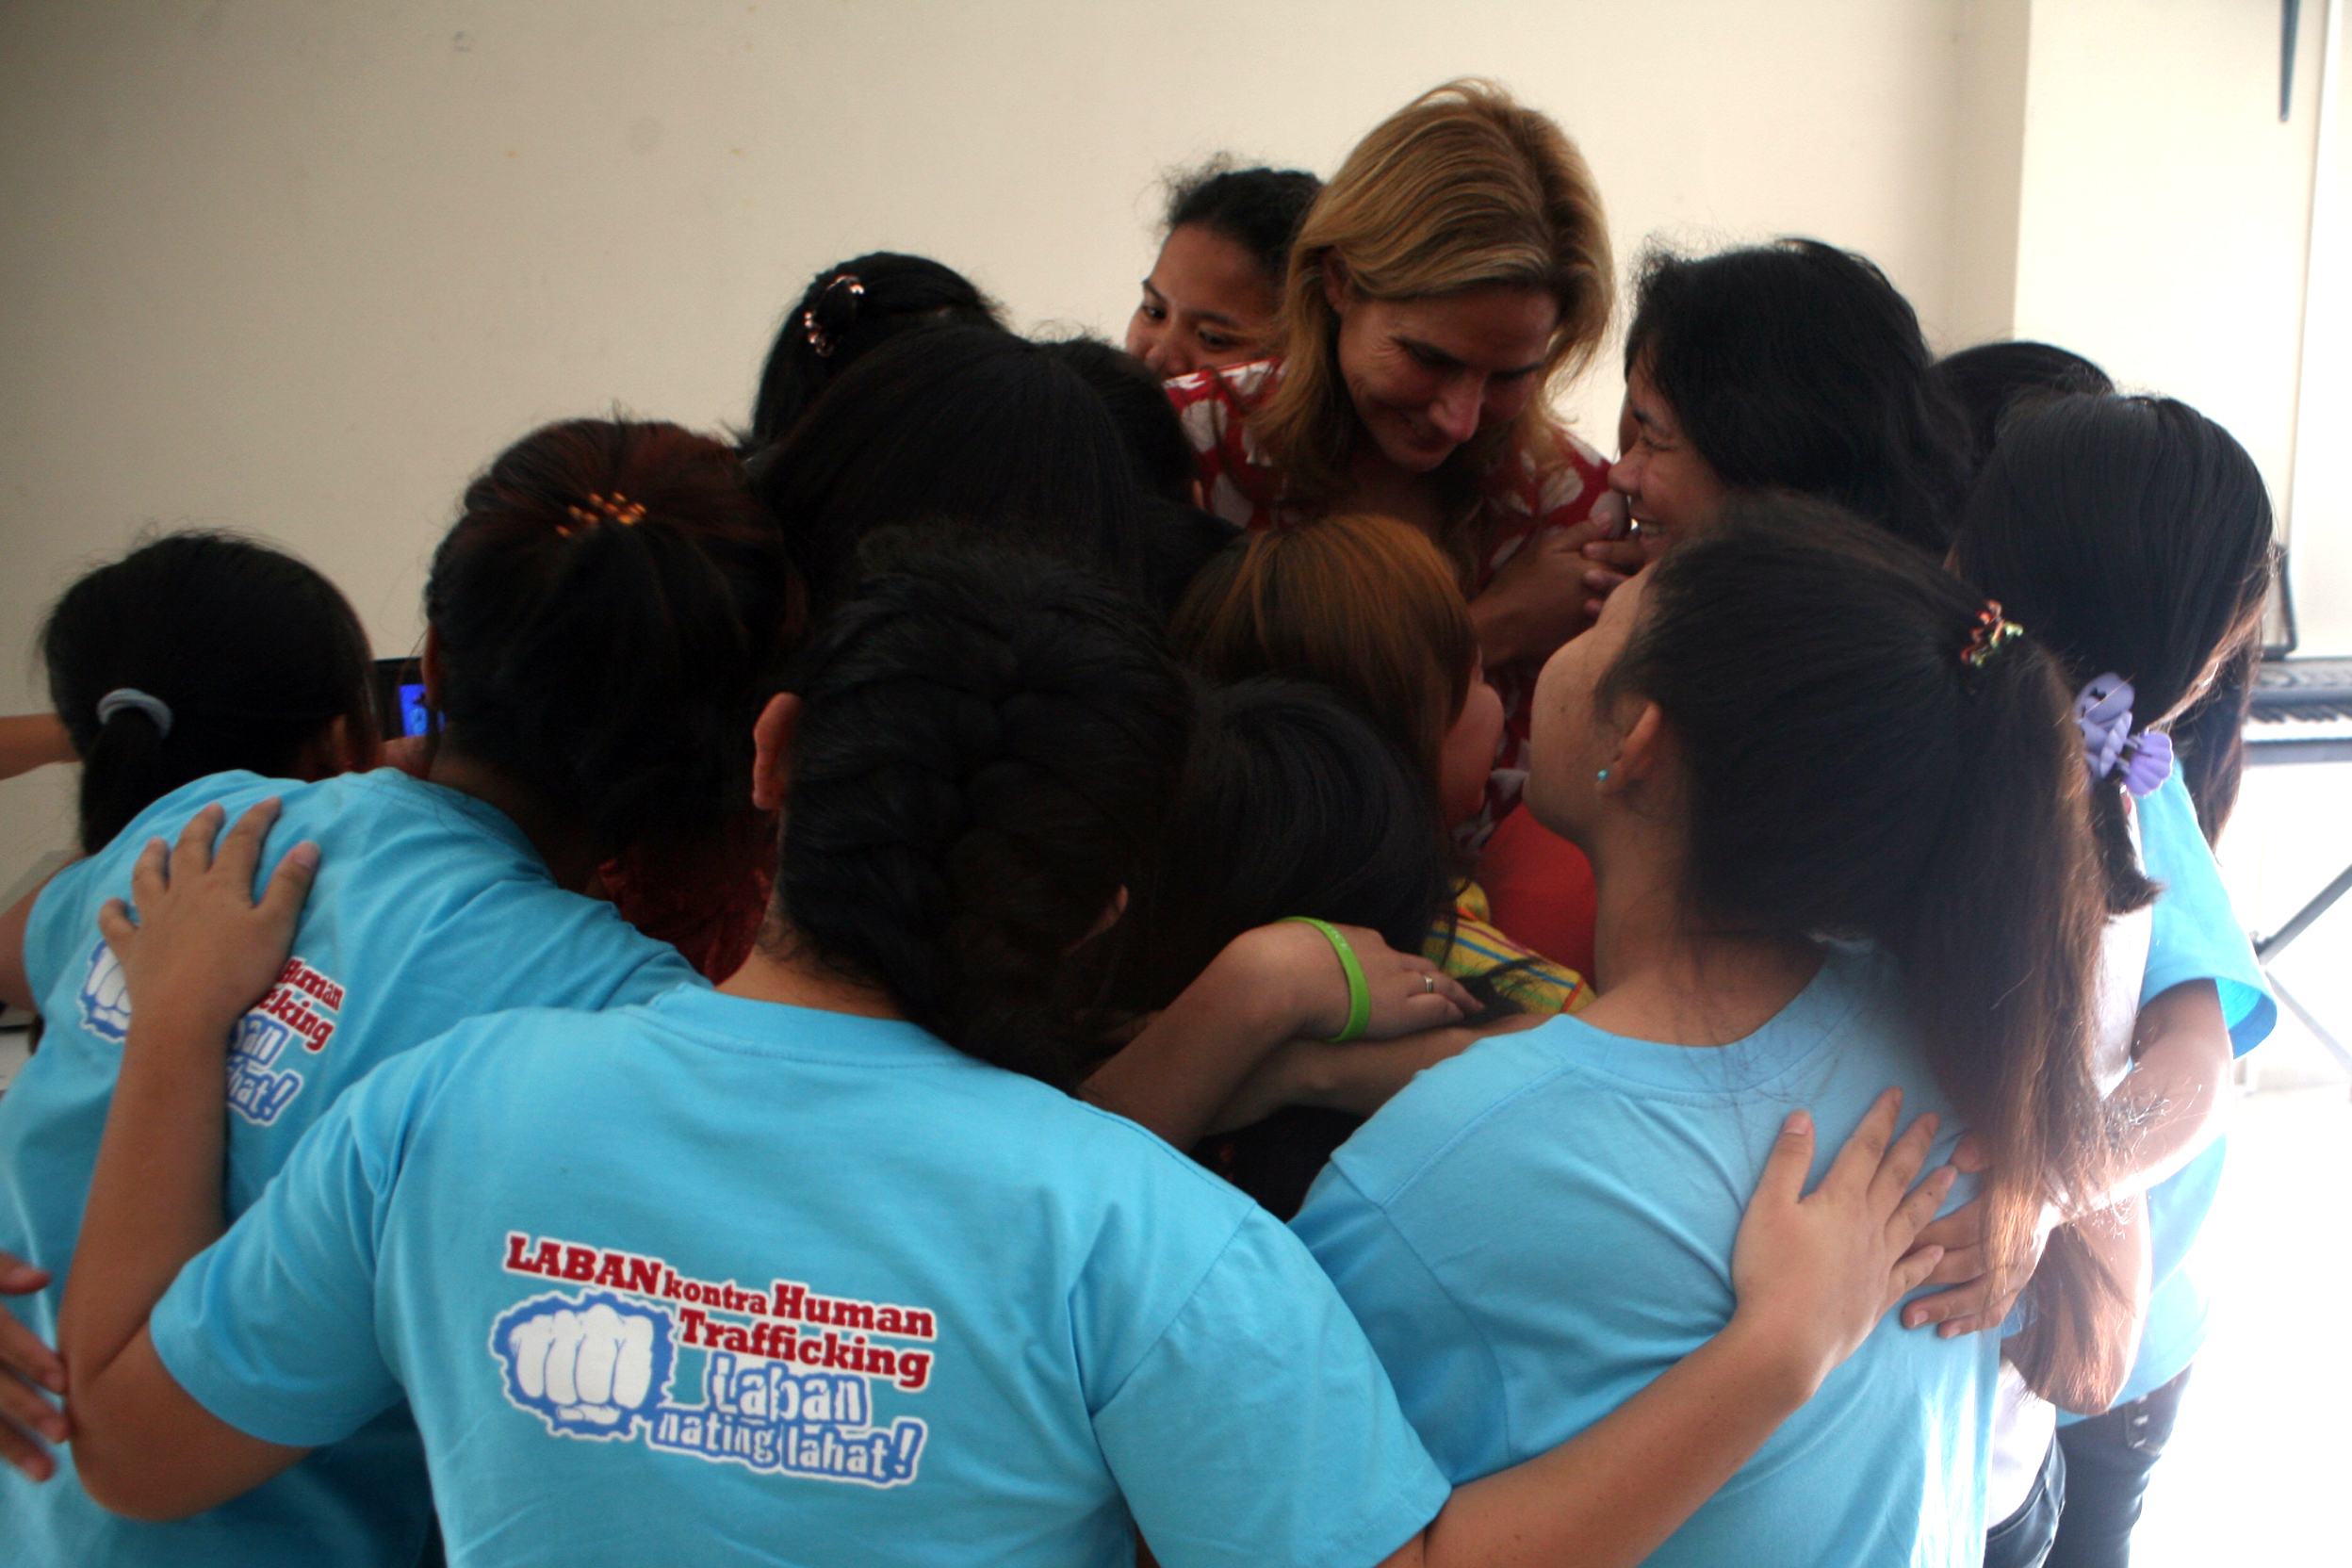 Children trafficking survivors crowd around and embrace